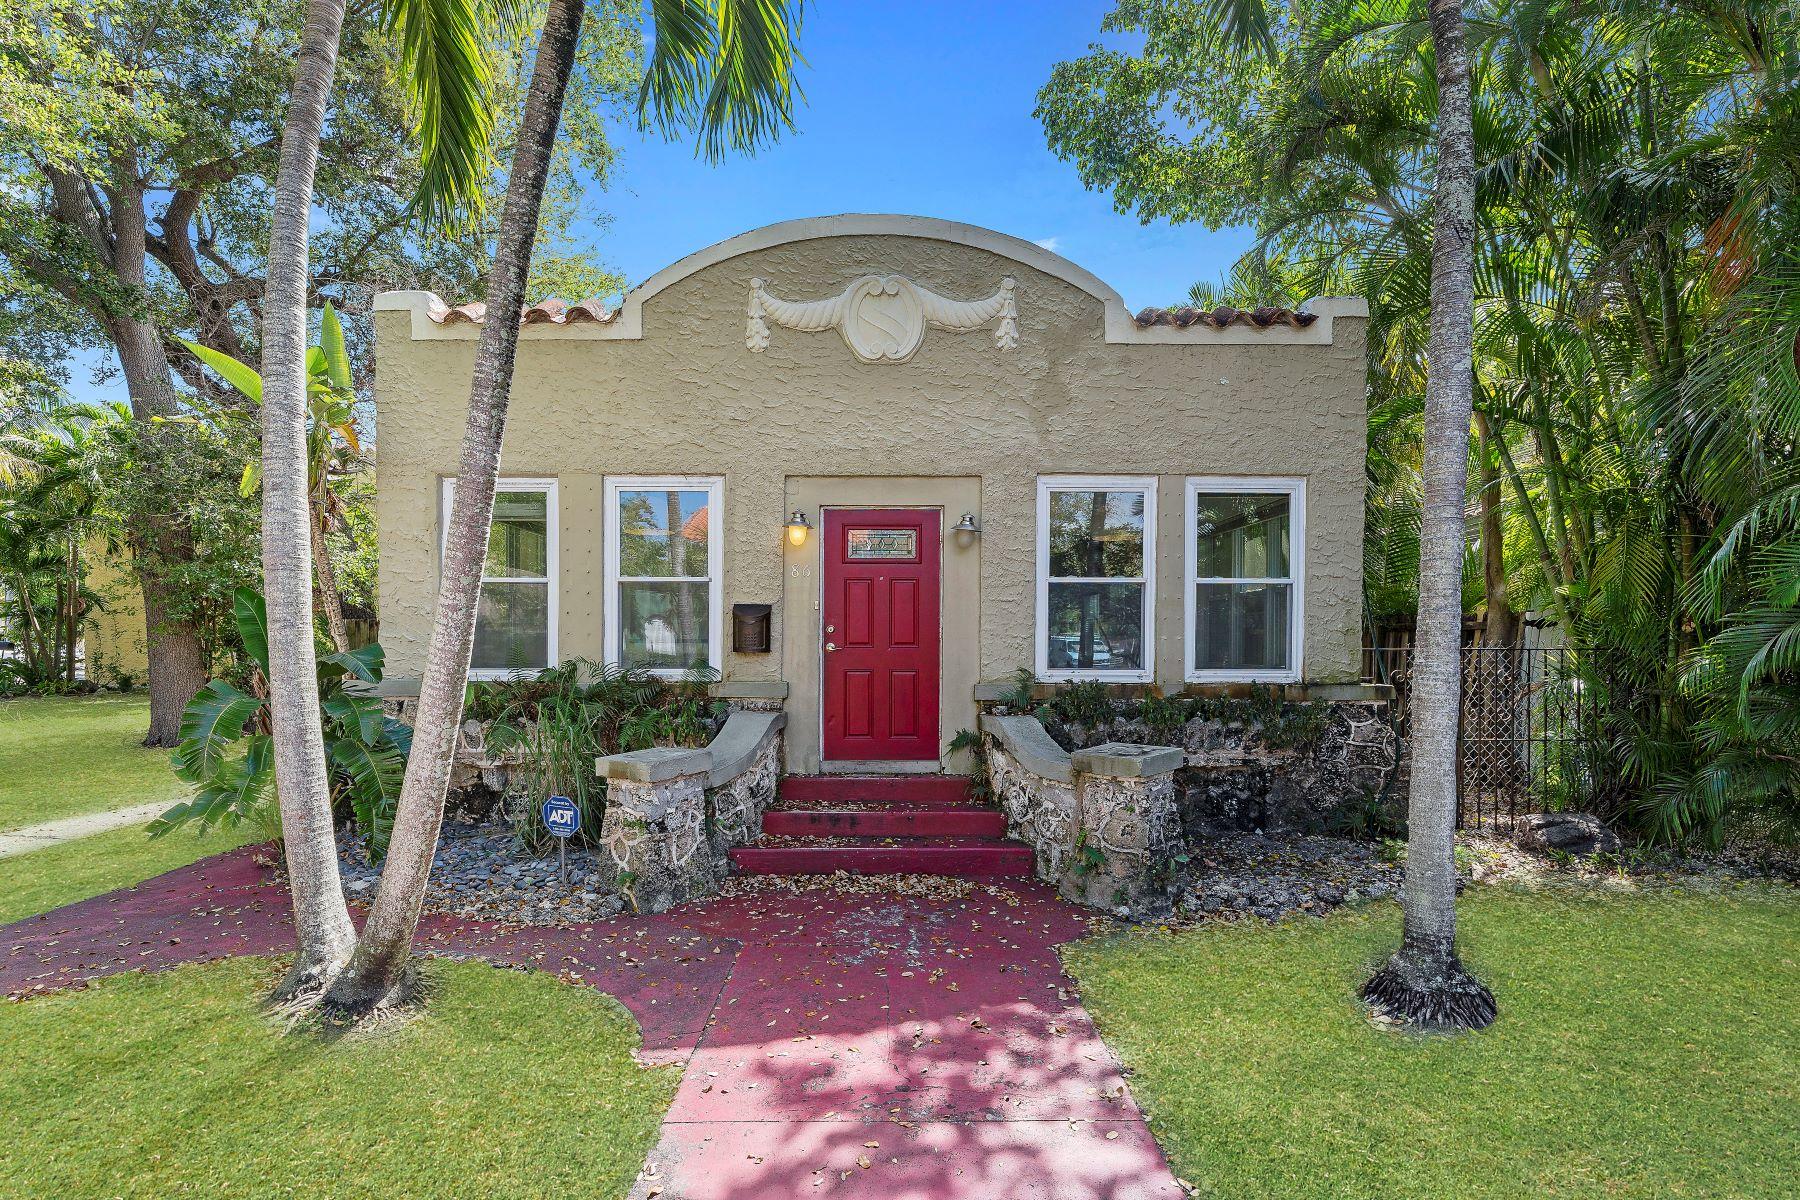 Частный односемейный дом для того Продажа на 86 Ne 47th St Miami, Флорида, 33137 Соединенные Штаты